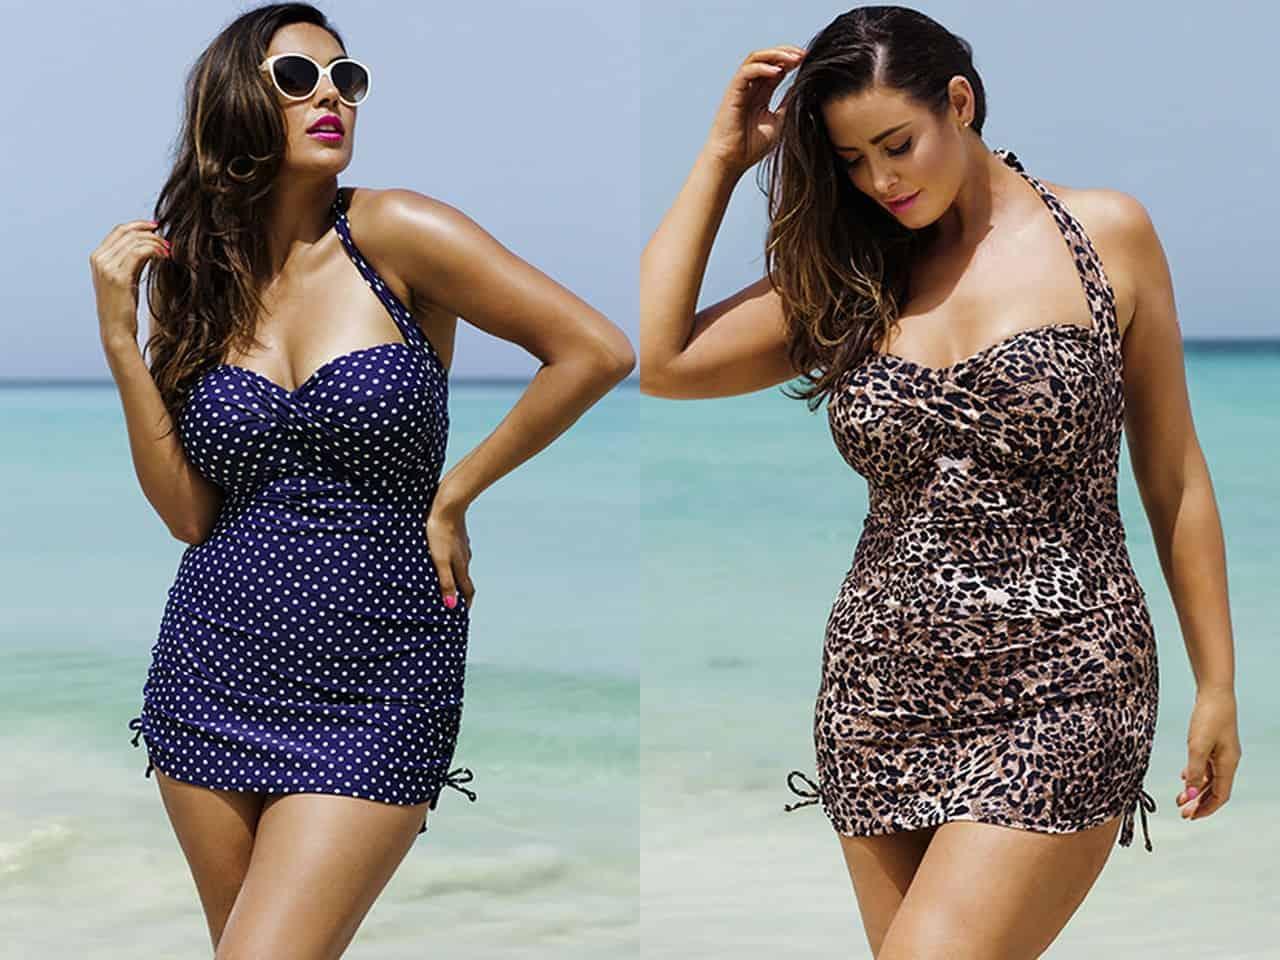 Plus size swim suit trends 2016 – DRESS TRENDS